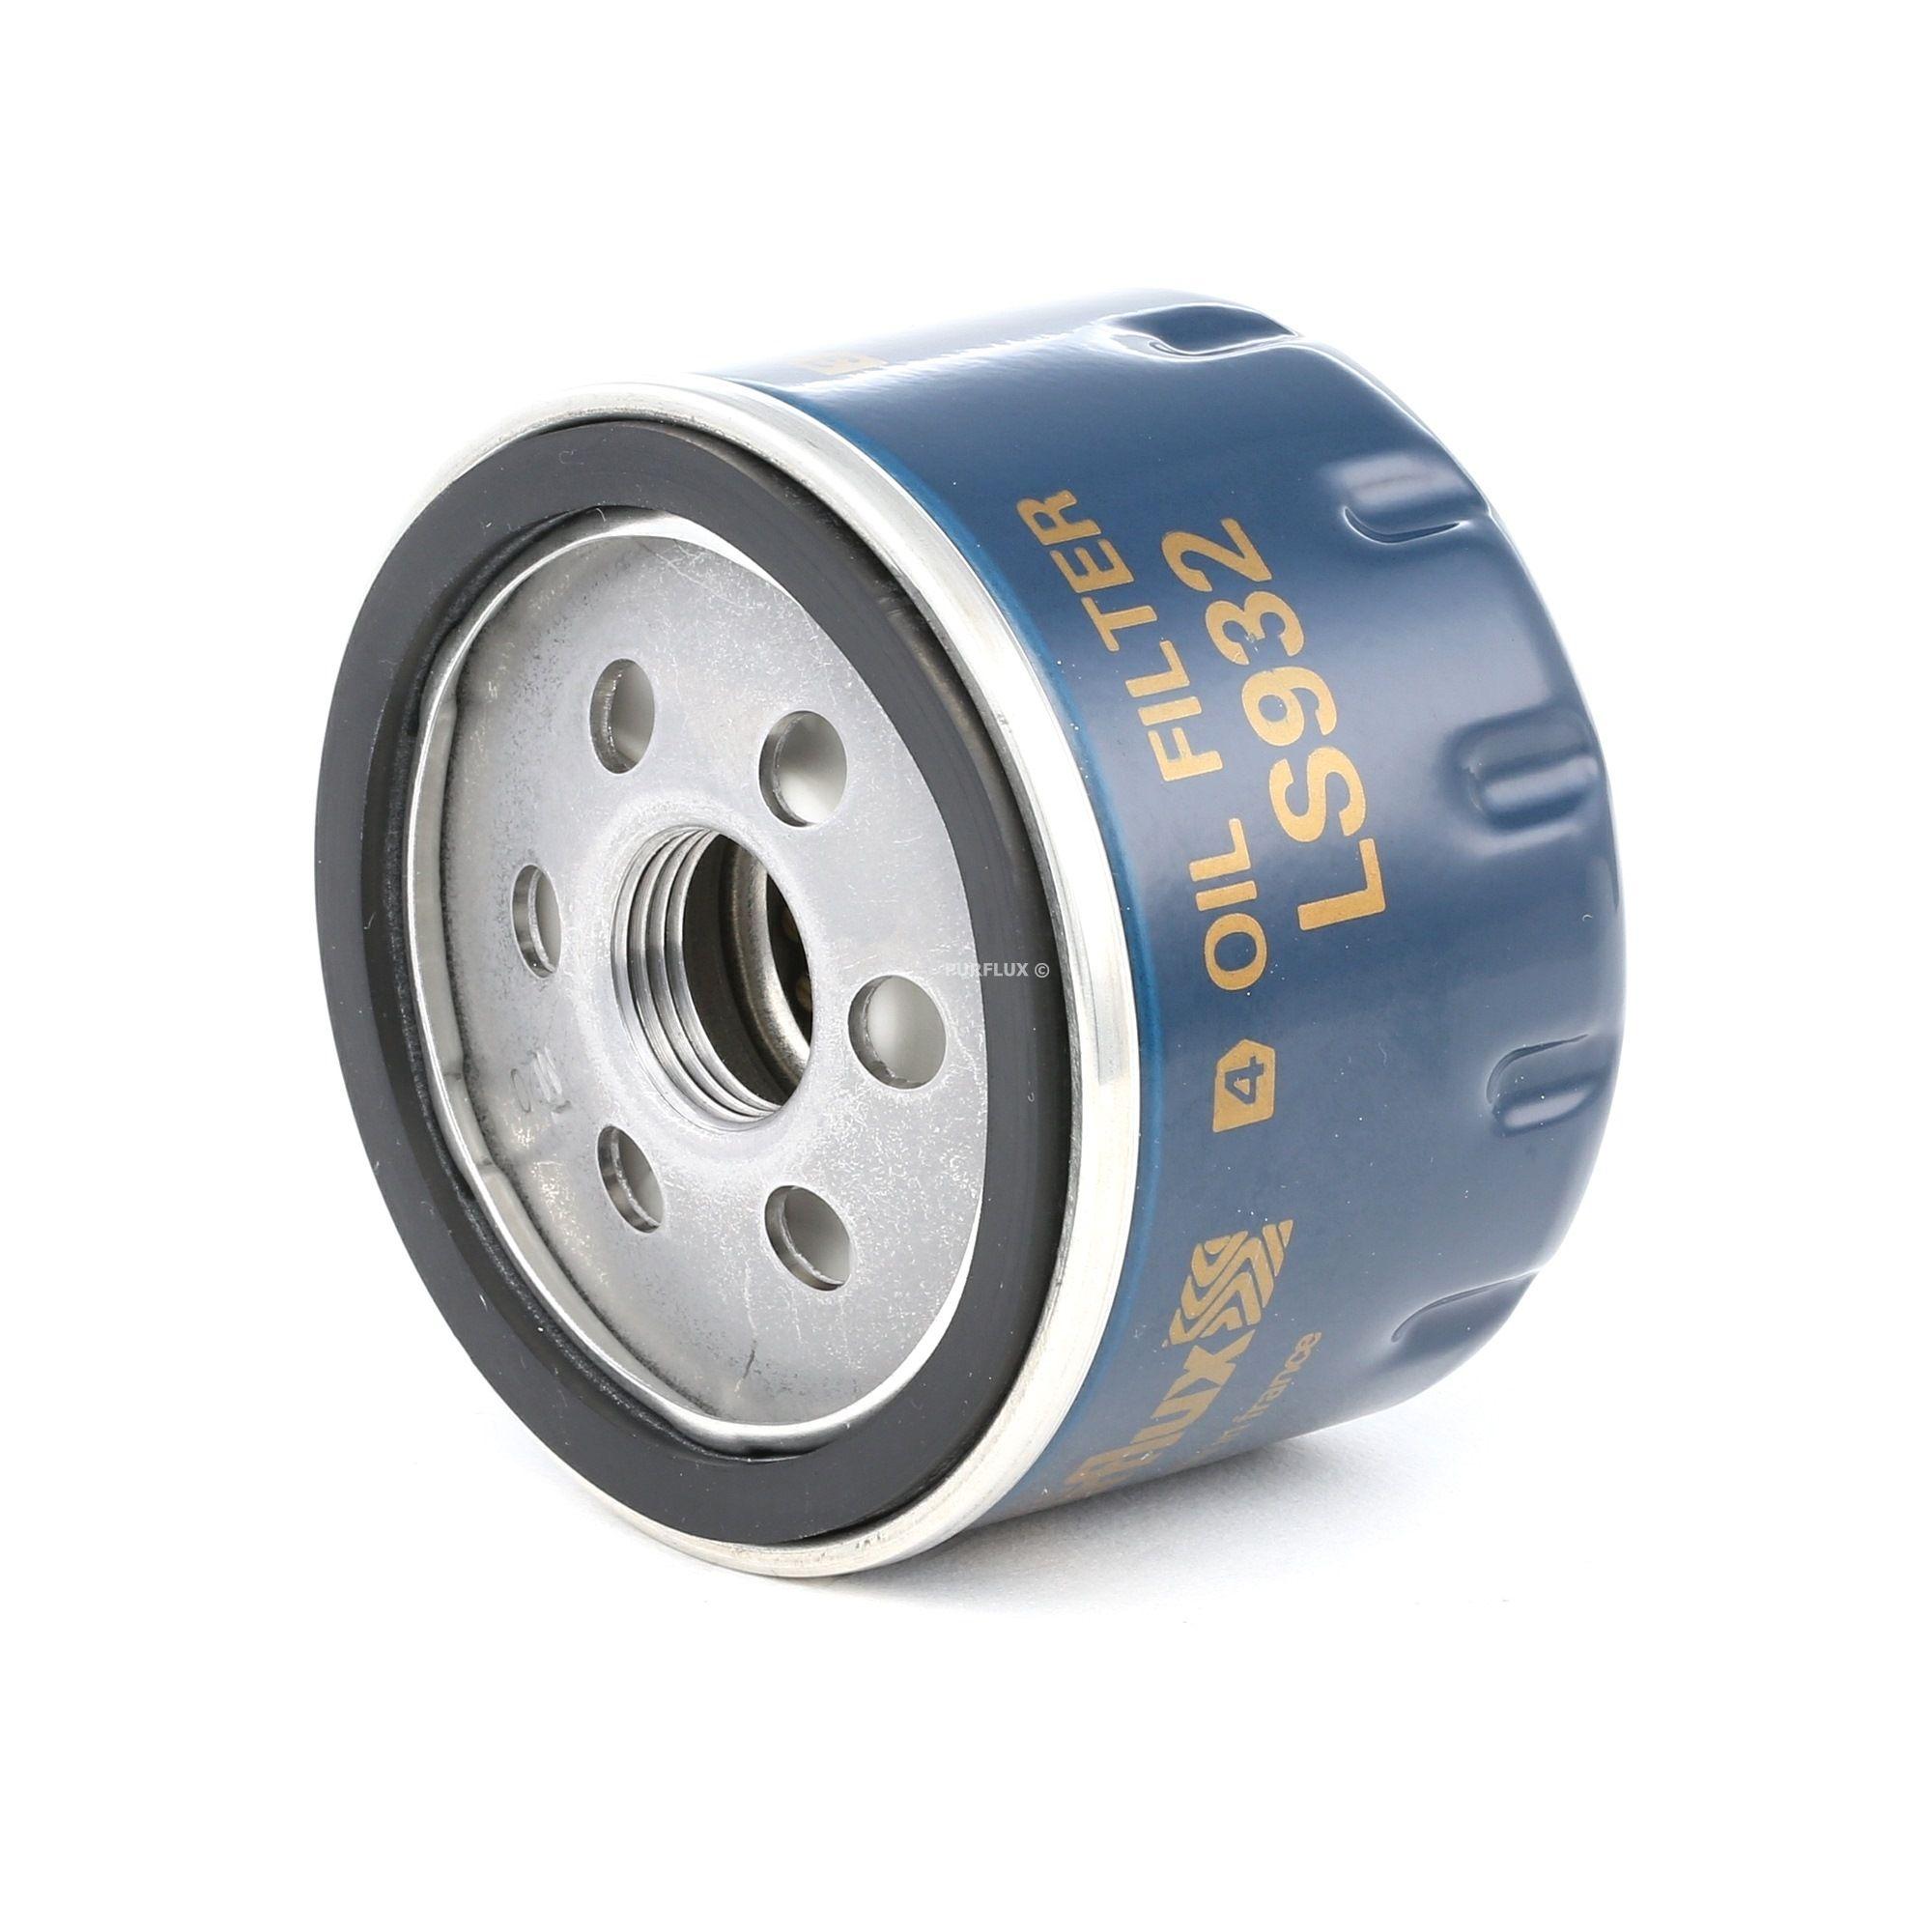 Filtre à huile PURFLUX LS932 évaluation